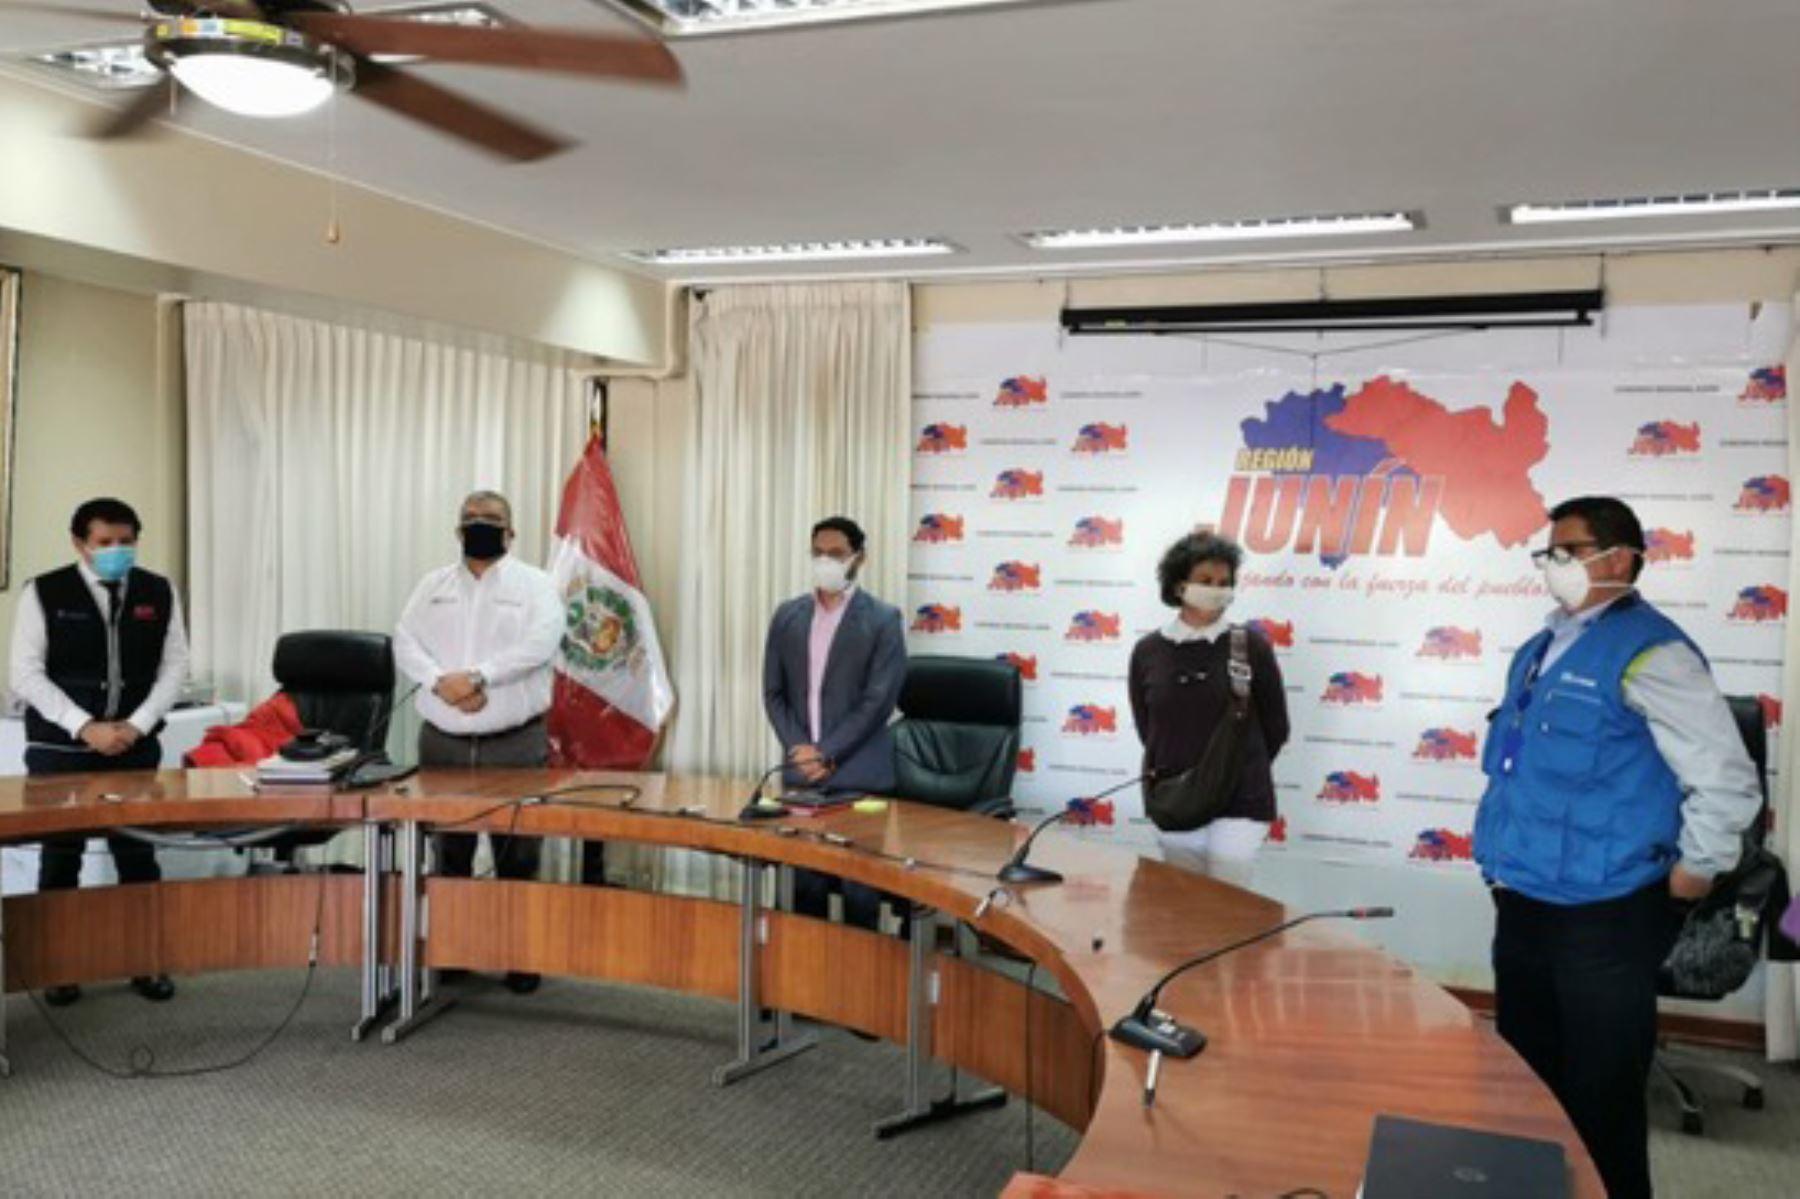 El Estado fortalece la atención a covid-19 en la región Junín, afirmó el ministro de Justicia, Fernando Castañeda. Foto: Minjusdh